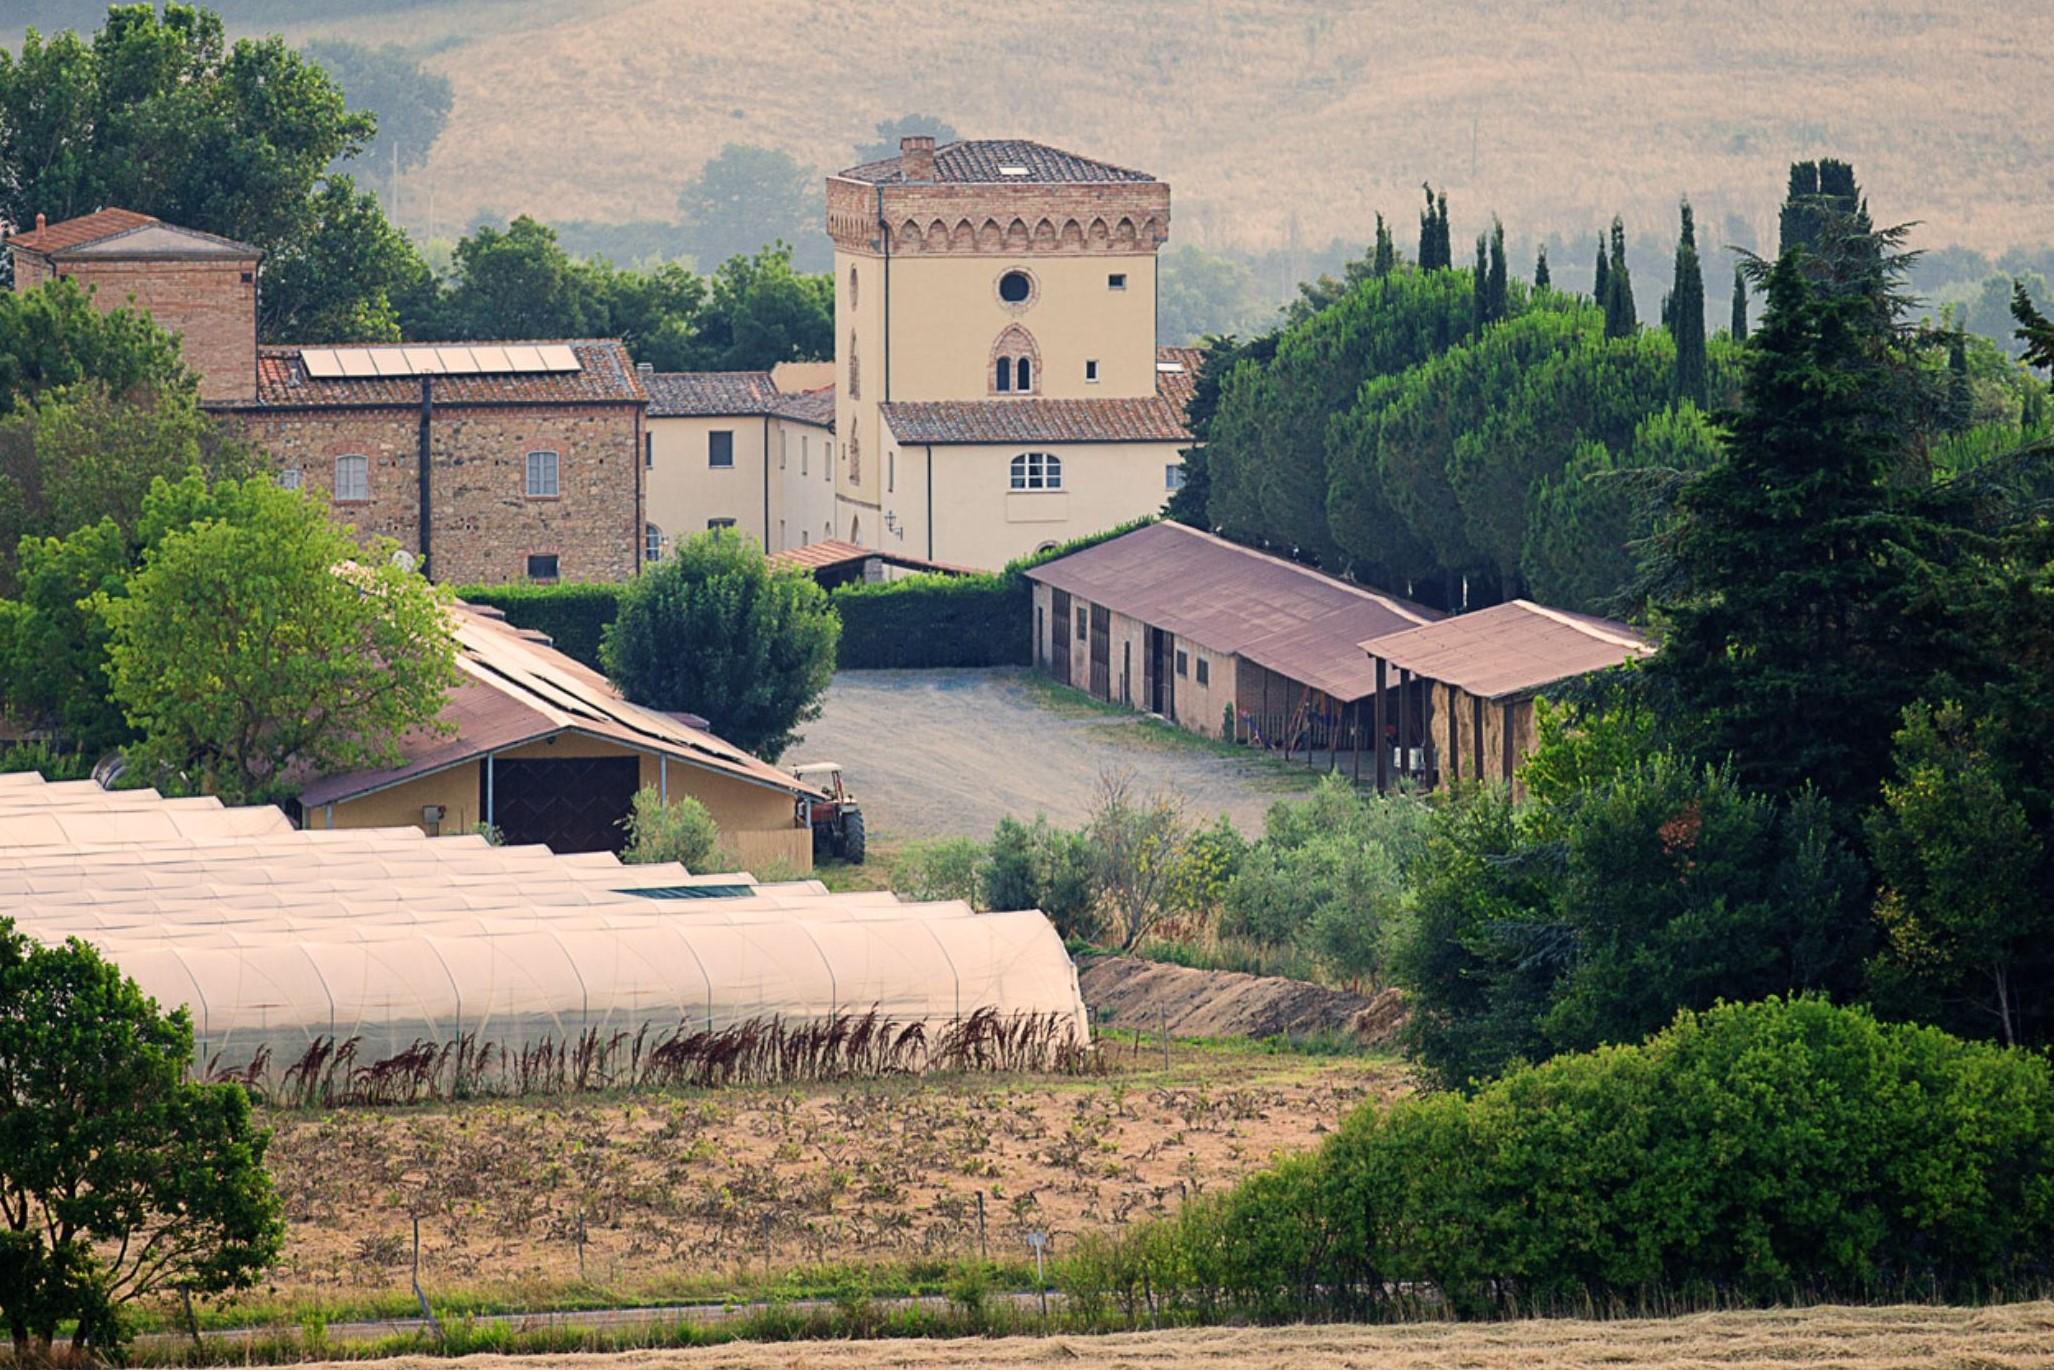 farm medium1_crop_2054x1370.JPG